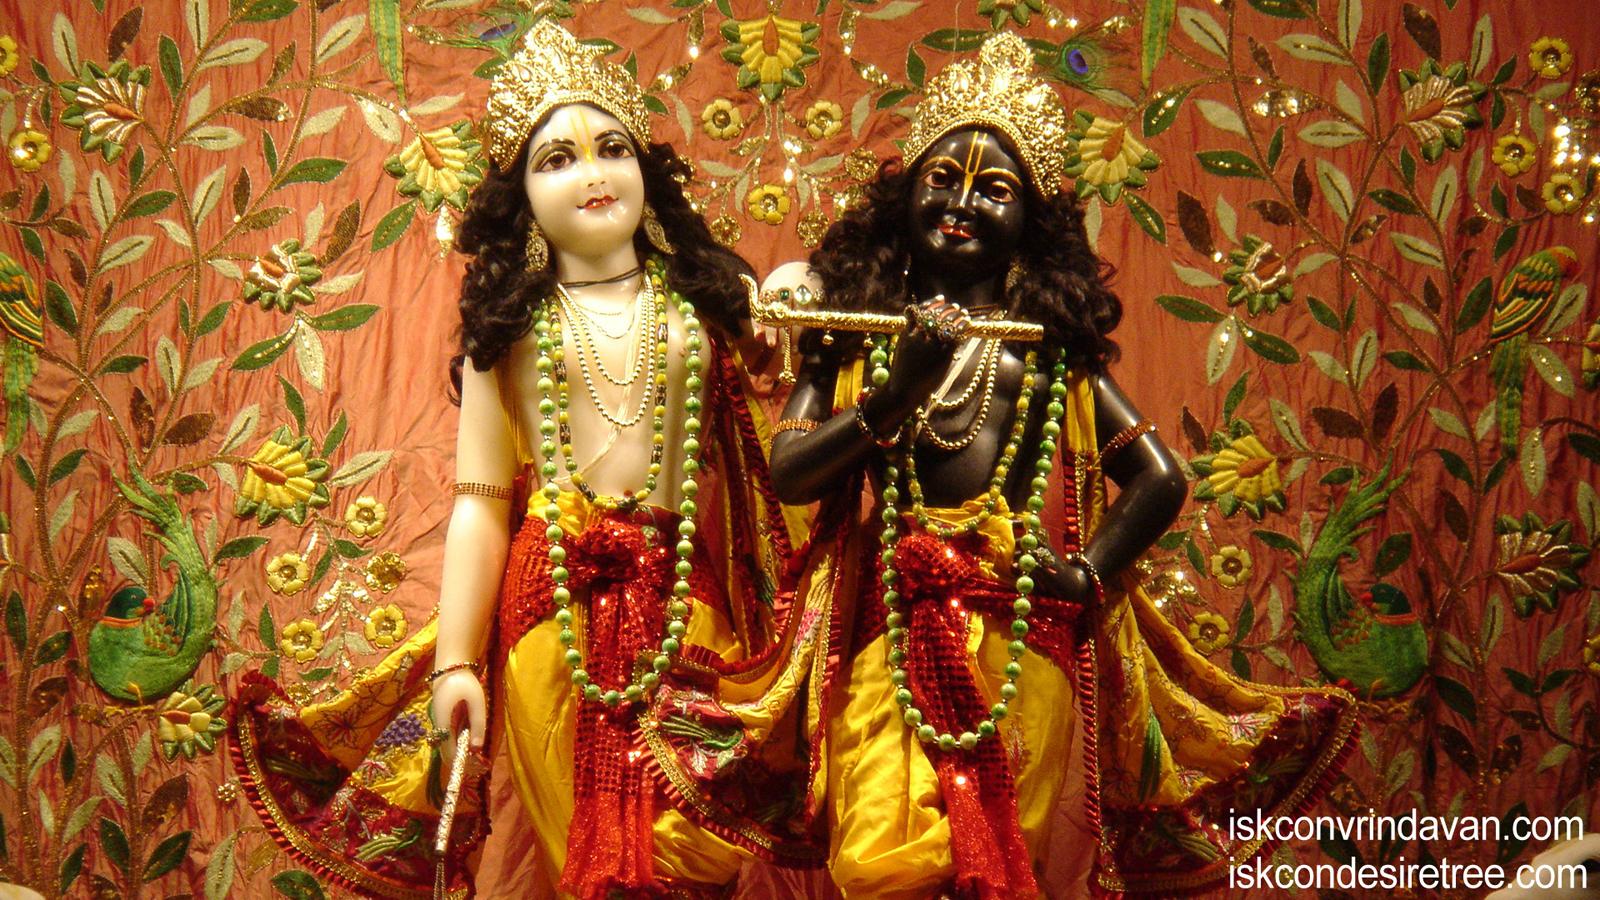 Sri Sri Krishna Balaram Wallpaper (085) Size 1600x900 Download